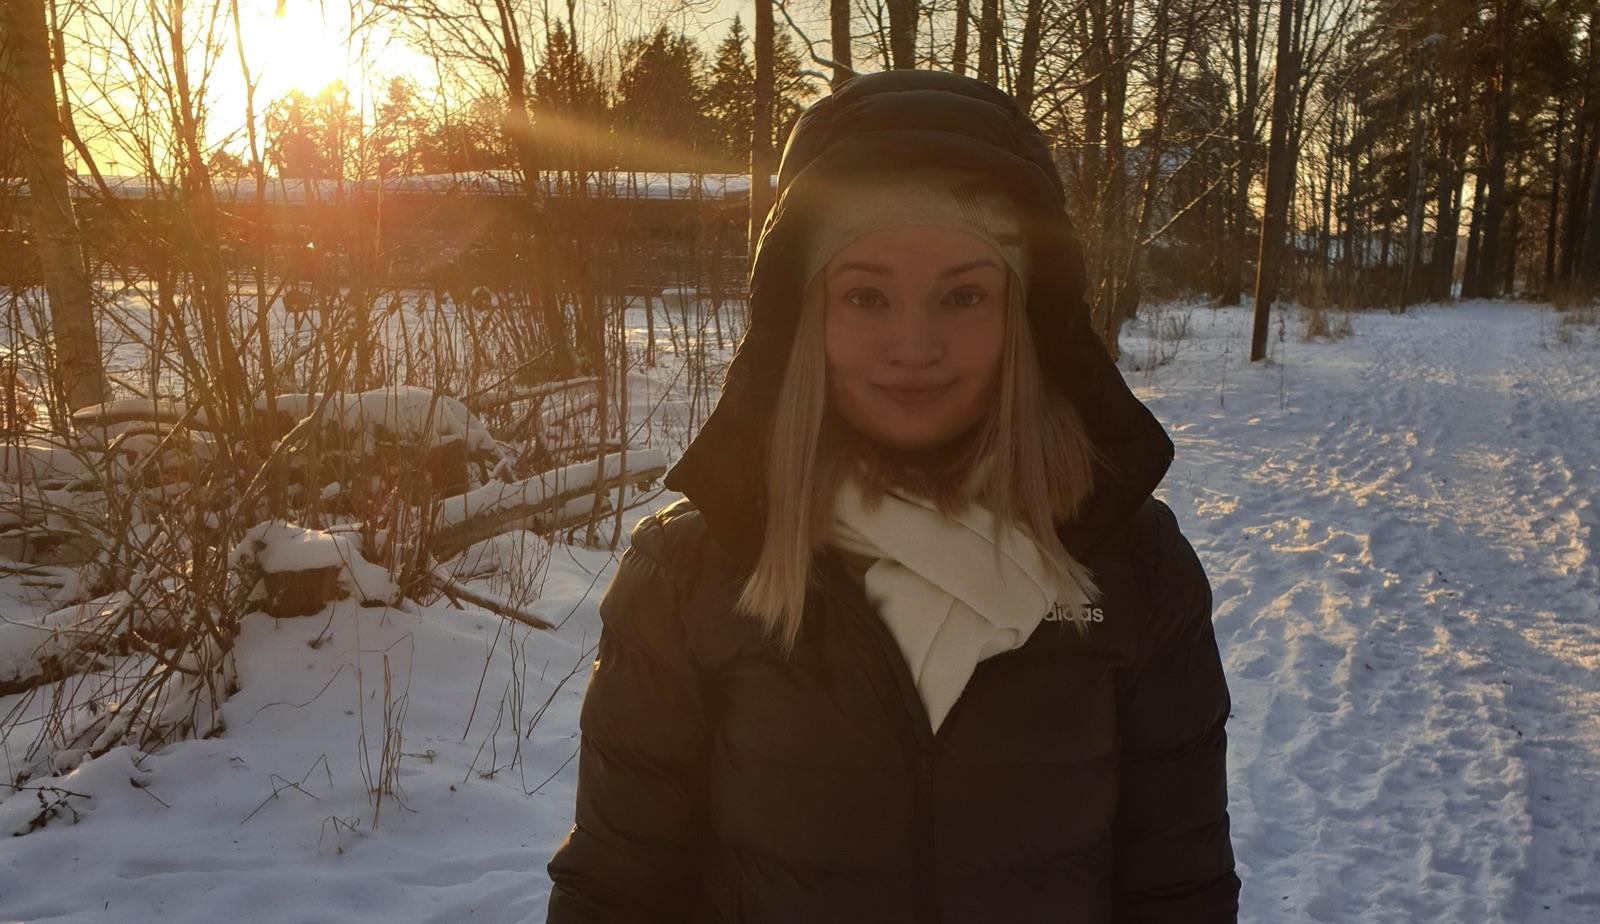 Viktoriia kommer att hjälpa till som volontär på Special Olympics Sweden Invitational Games 2020.